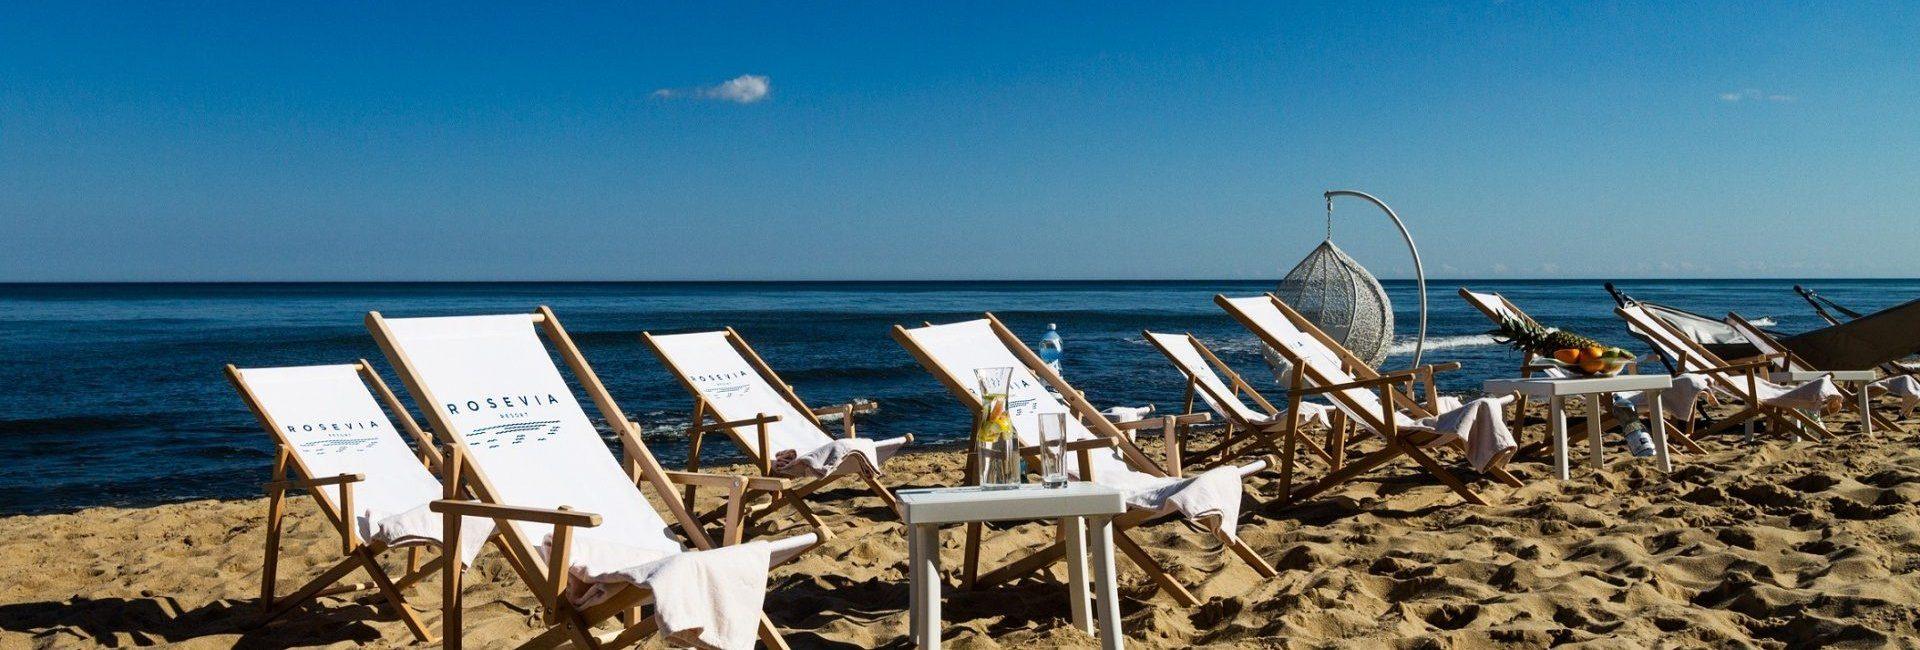 FAQ: Pytania i odpowiedzi dotyczące wakacji nad morzem Bałtyckim z rodziną